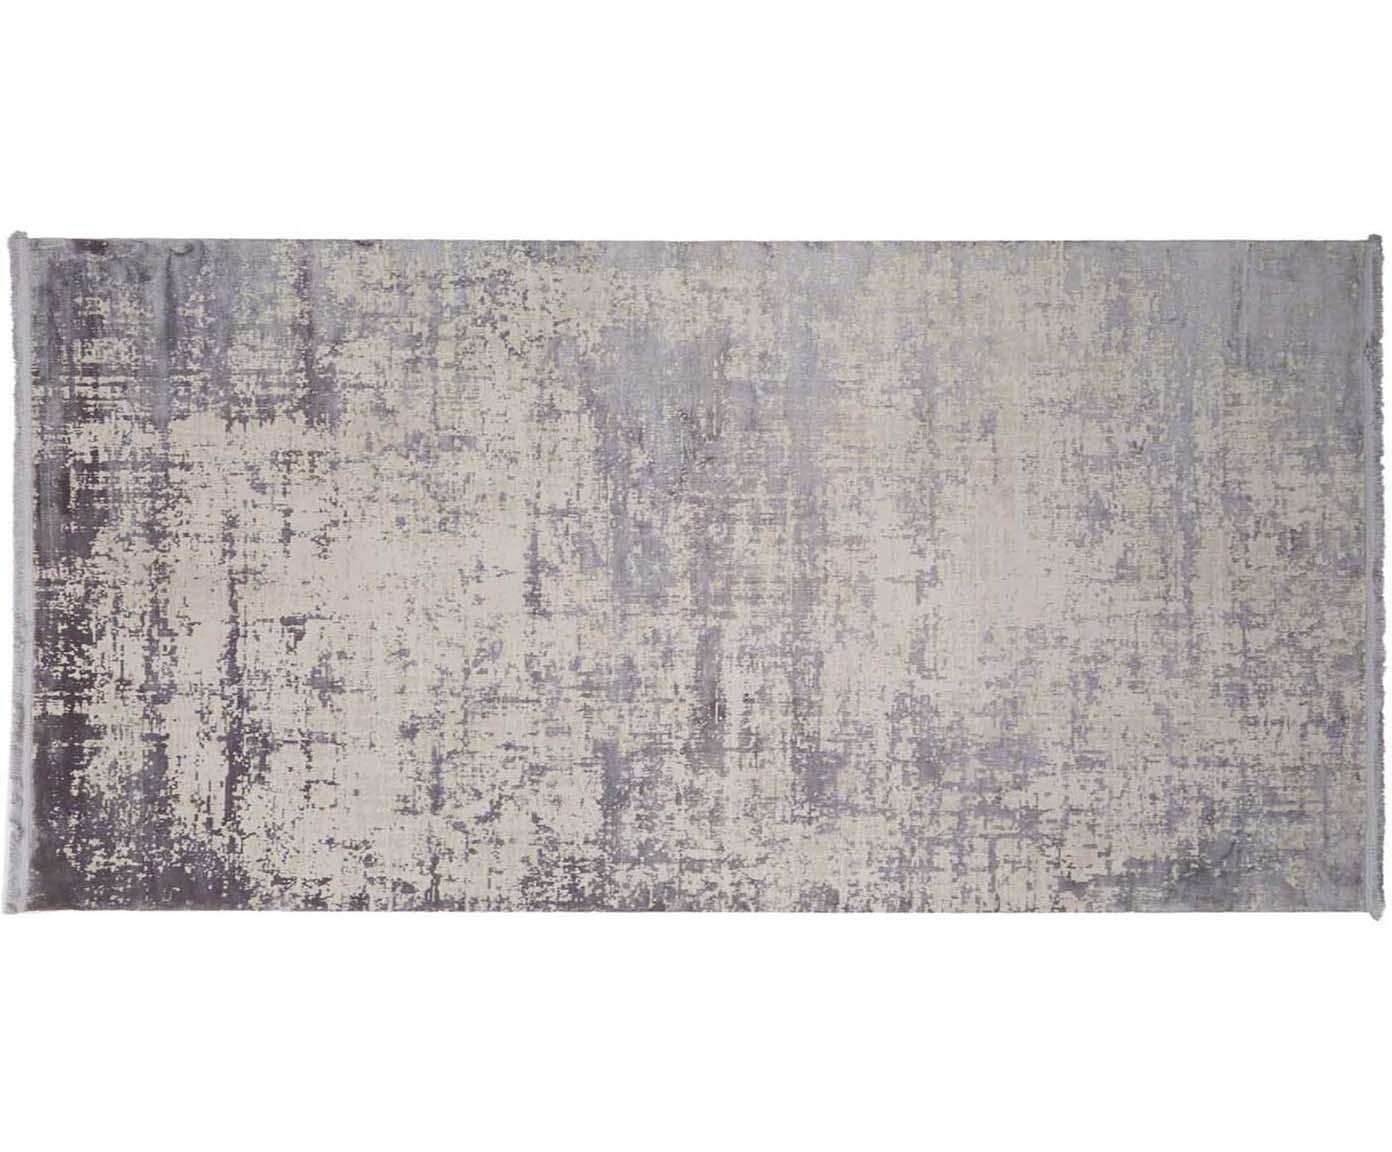 Schimmernder Teppich Cordoba mit Fransen, Vintage Style, Flor: 70% Acryl, 30% Viskose, Grautöne mit leichtem Lilastich, B 80 x L 150 cm (Grösse XS)